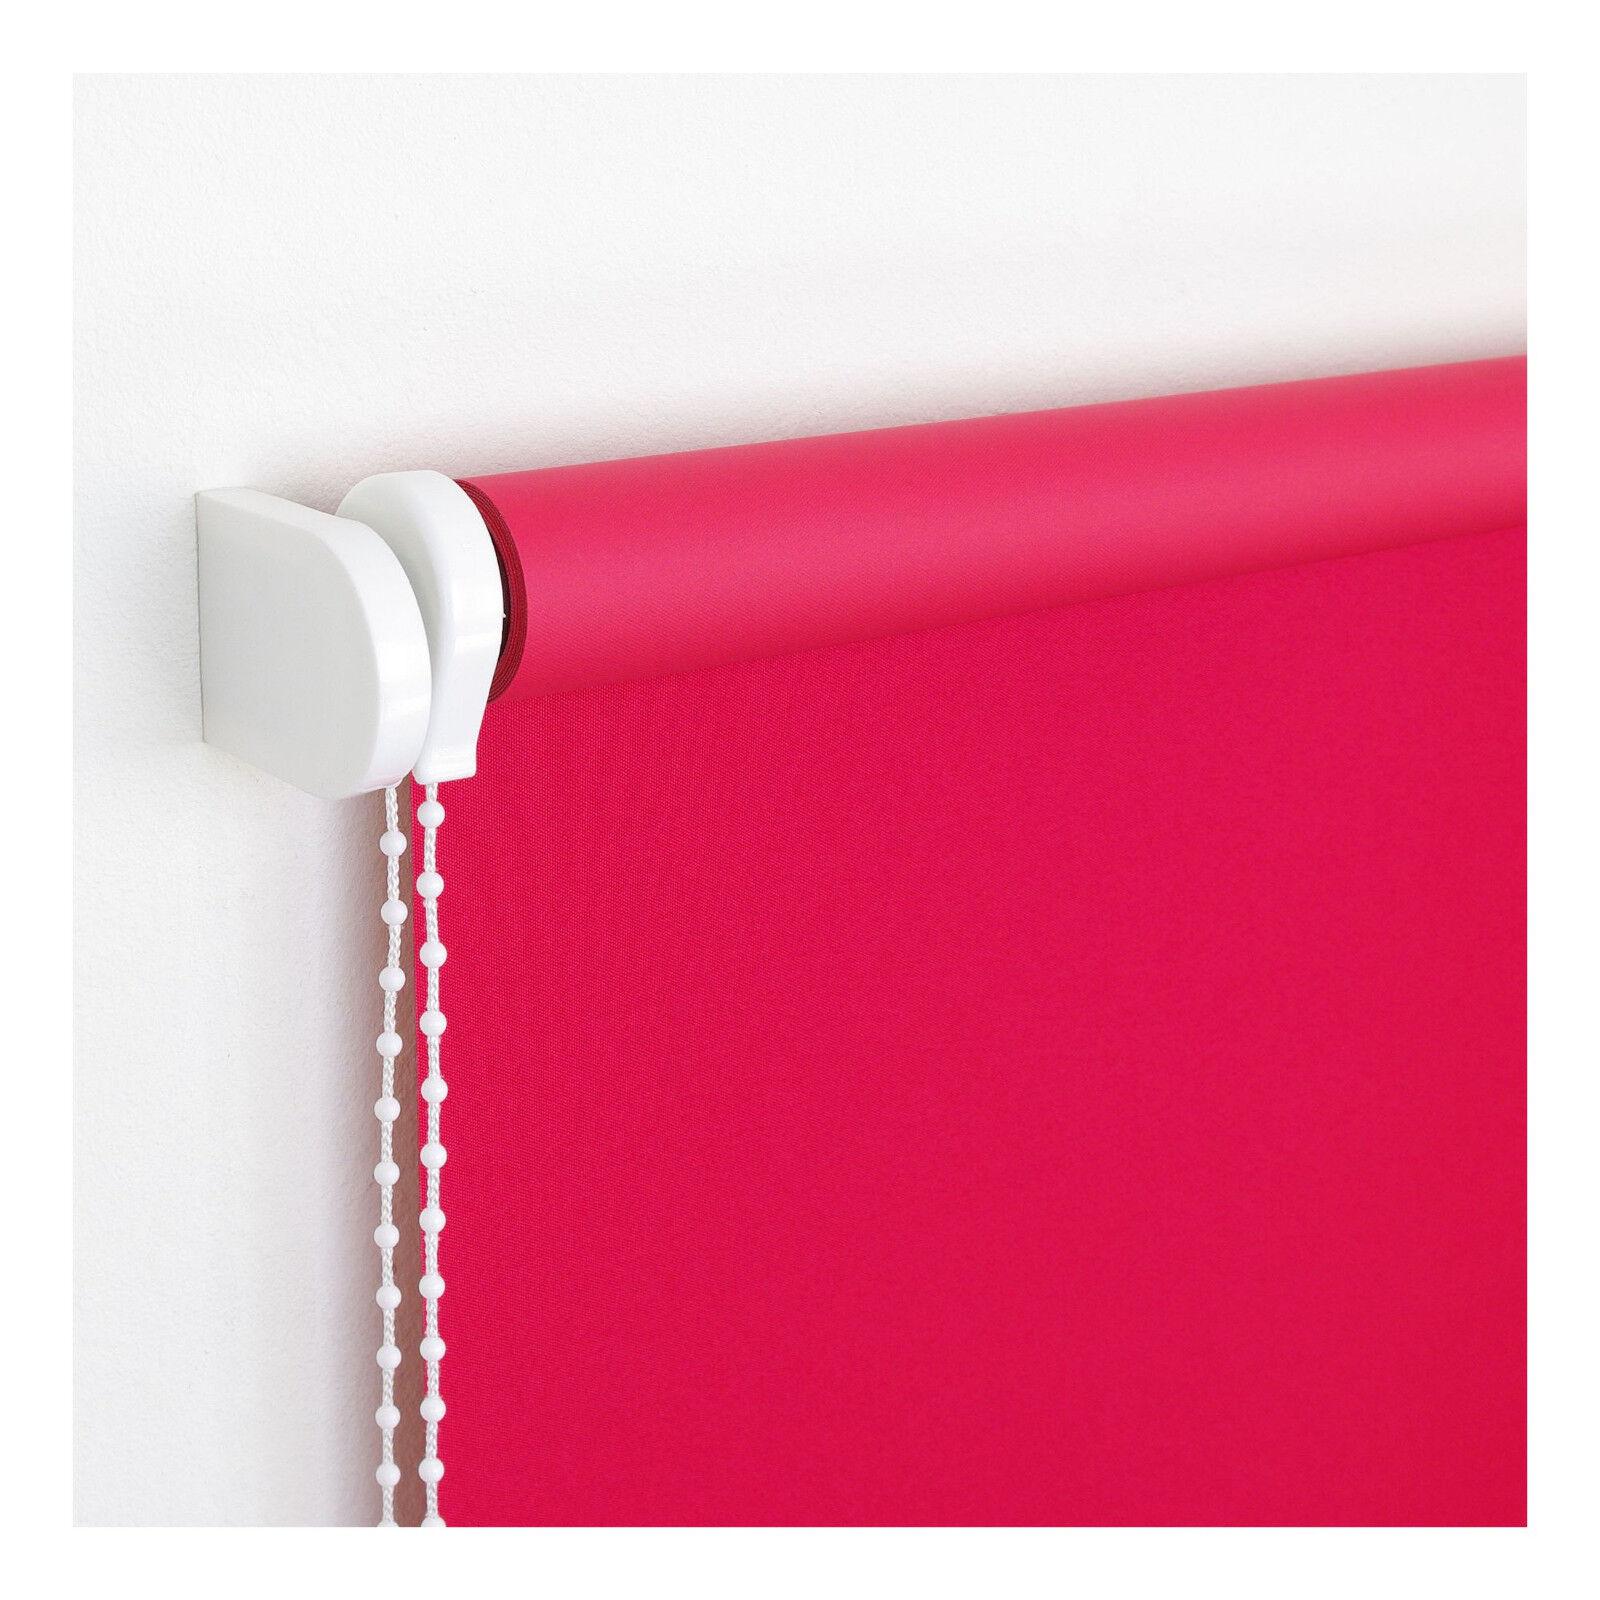 Verdunklungs-Kettenzugrollo Rot Seitenzugrollo Fensterrollo Sichtschutz   Lassen Sie unsere Produkte in die Welt gehen